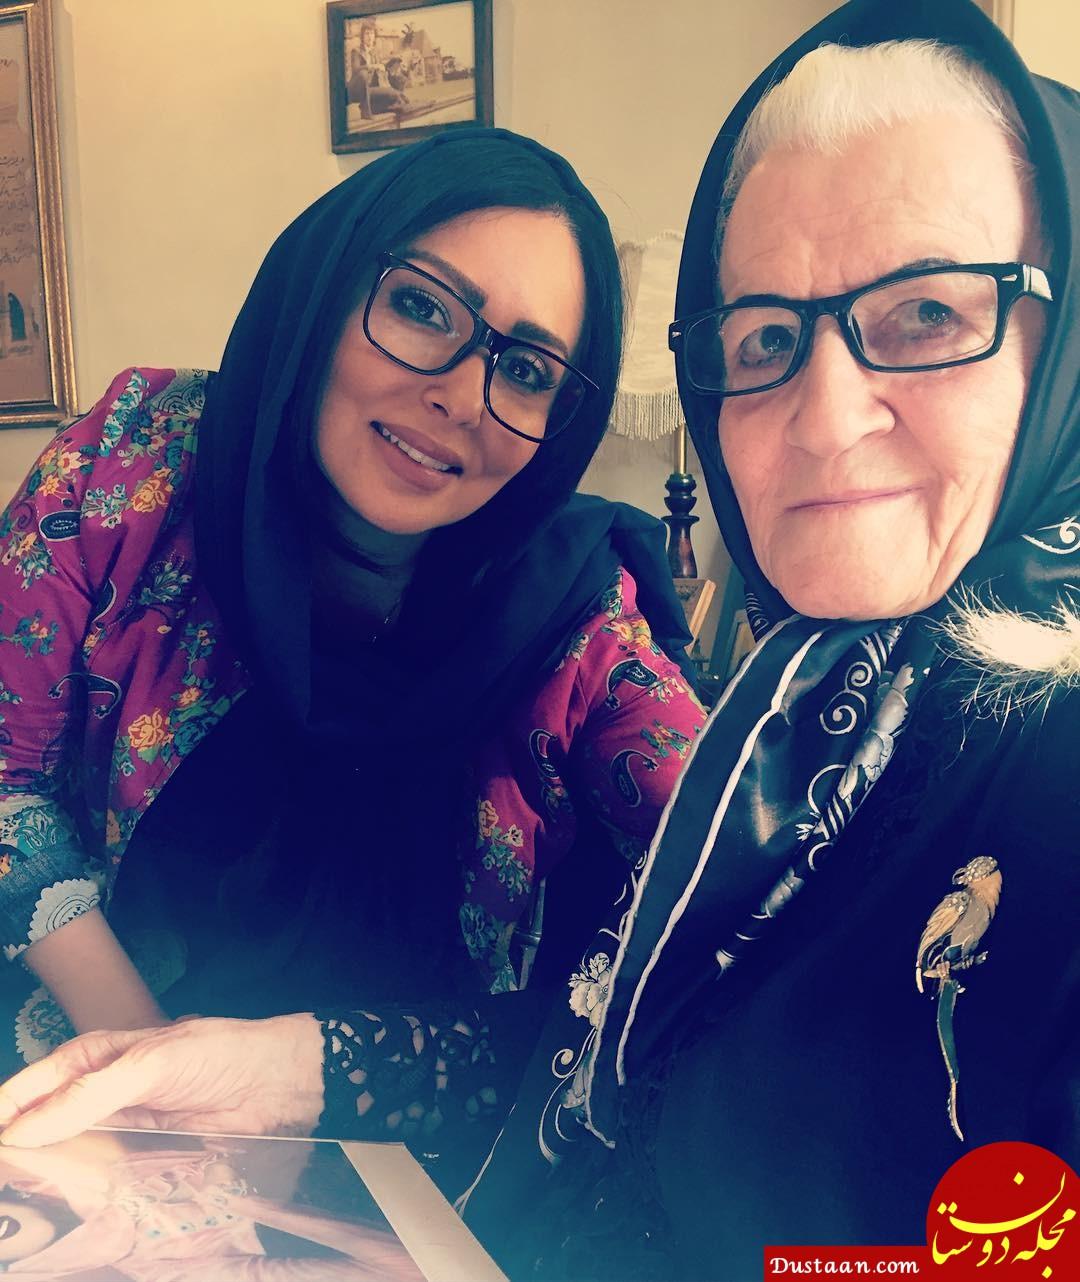 www.dustaan.com - درگذشت ملکه رنجبر بازیگر پیشکسوت سینما و تلویزیون + بیوگرافی